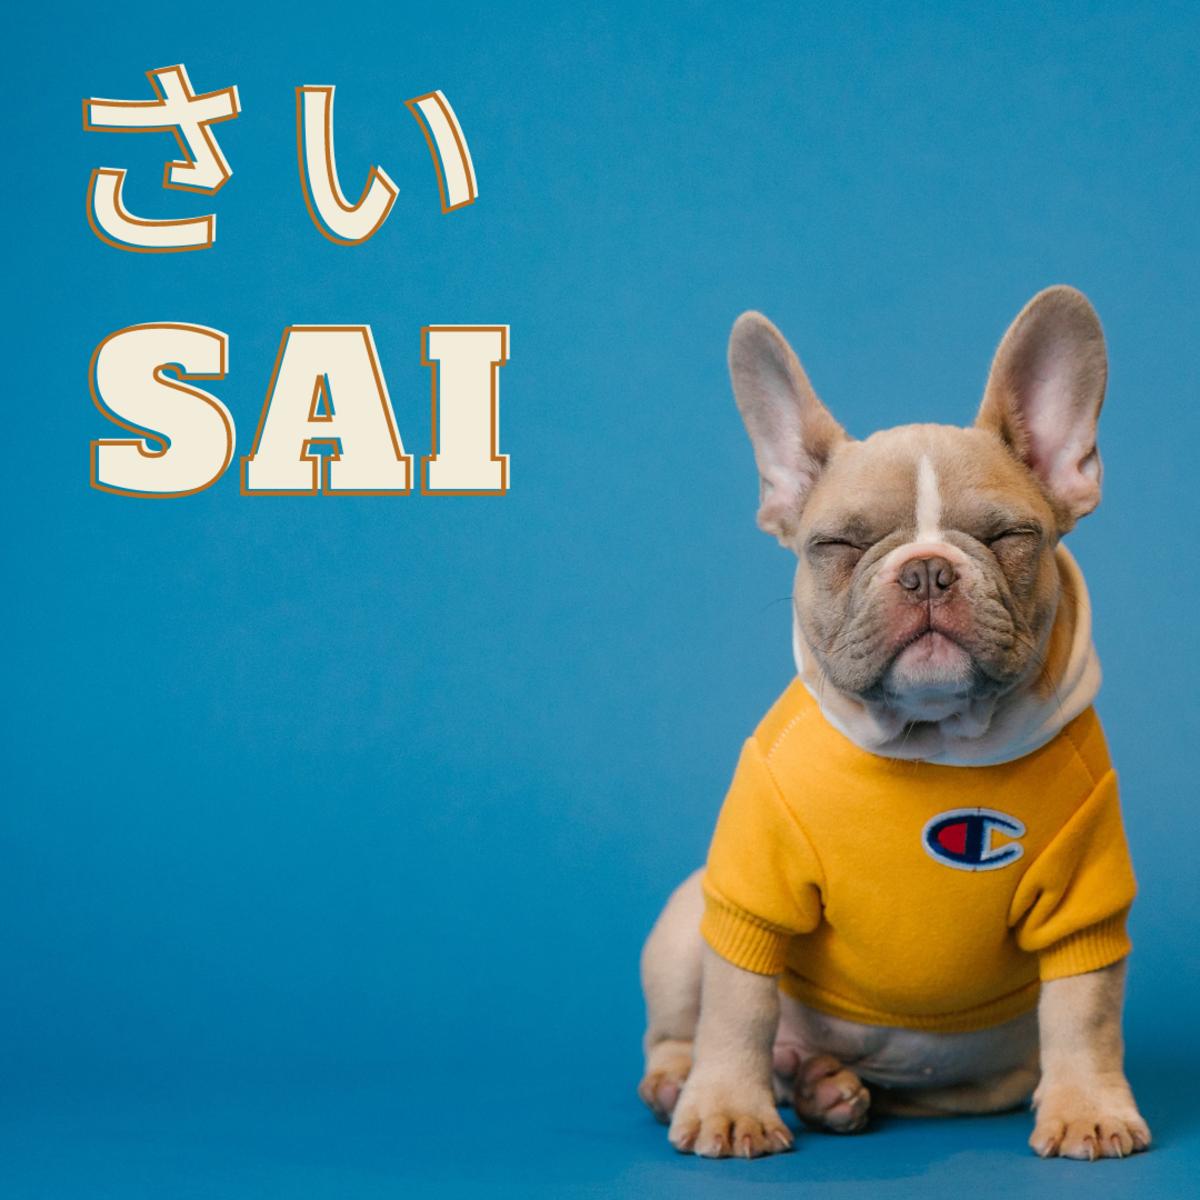 Sai or Rhino